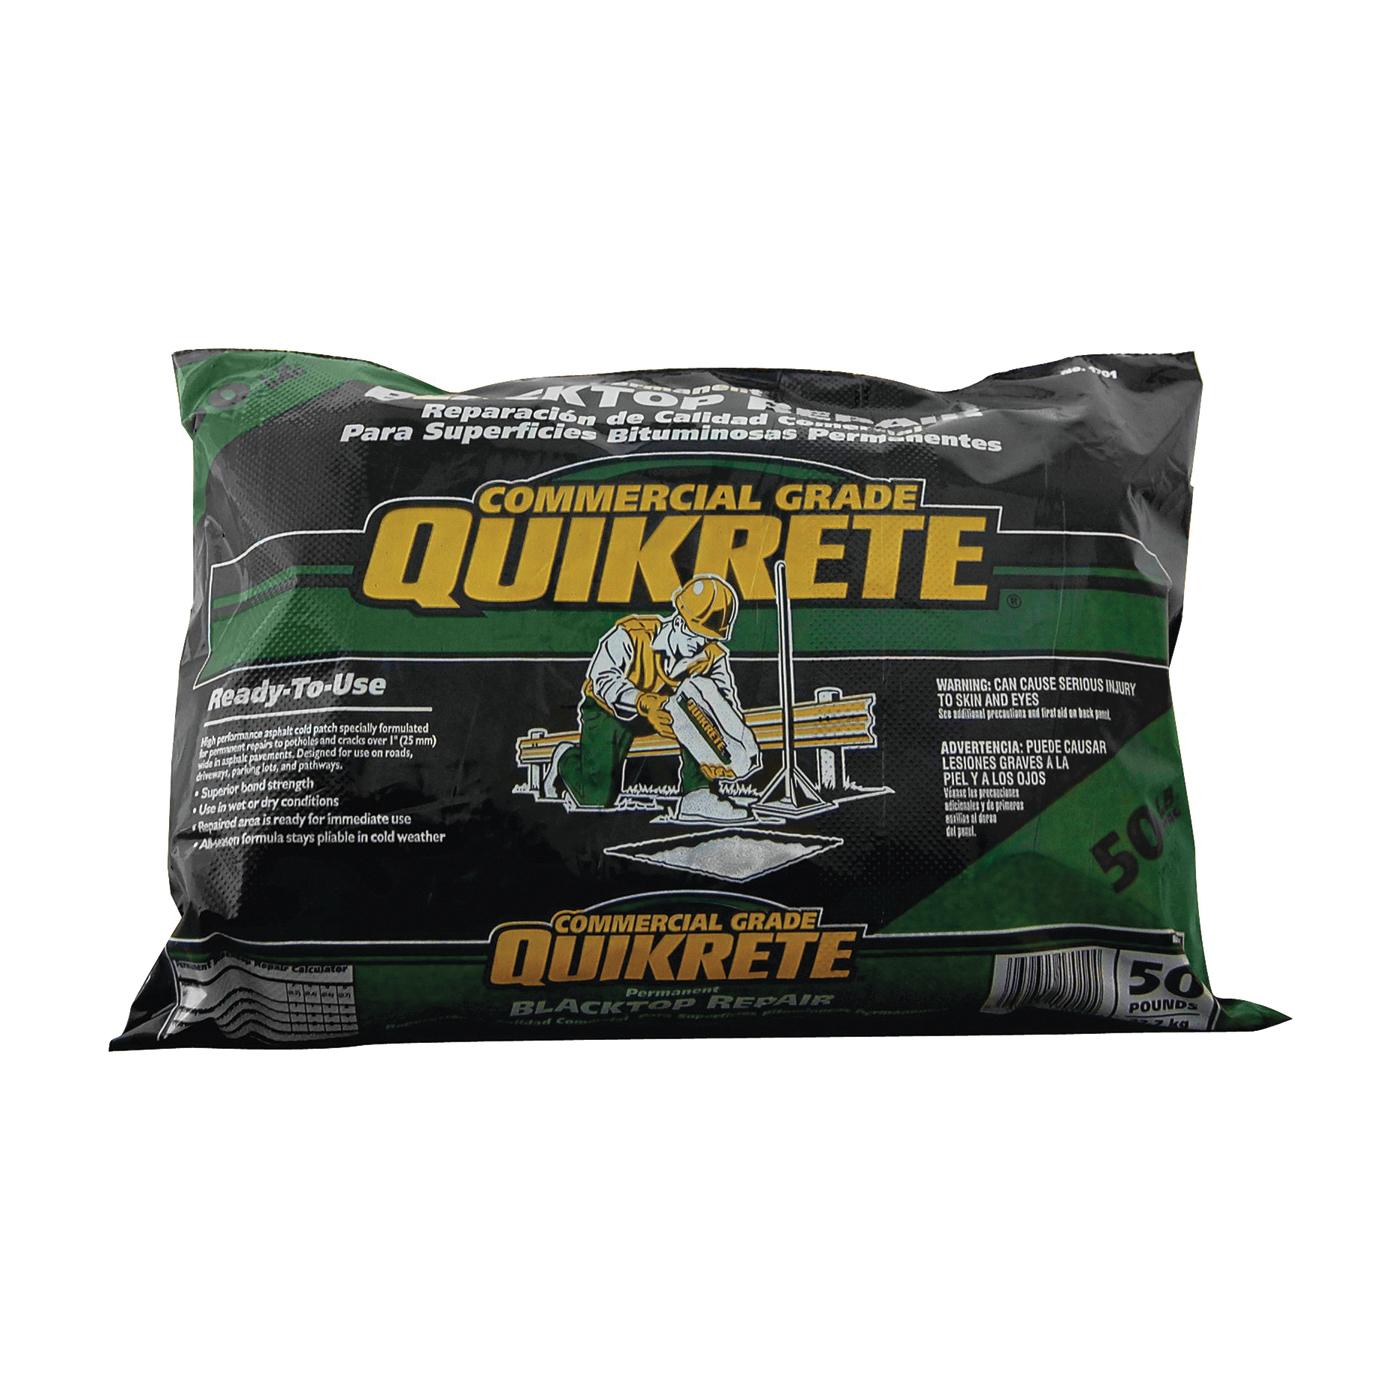 Quikrete 17015-59